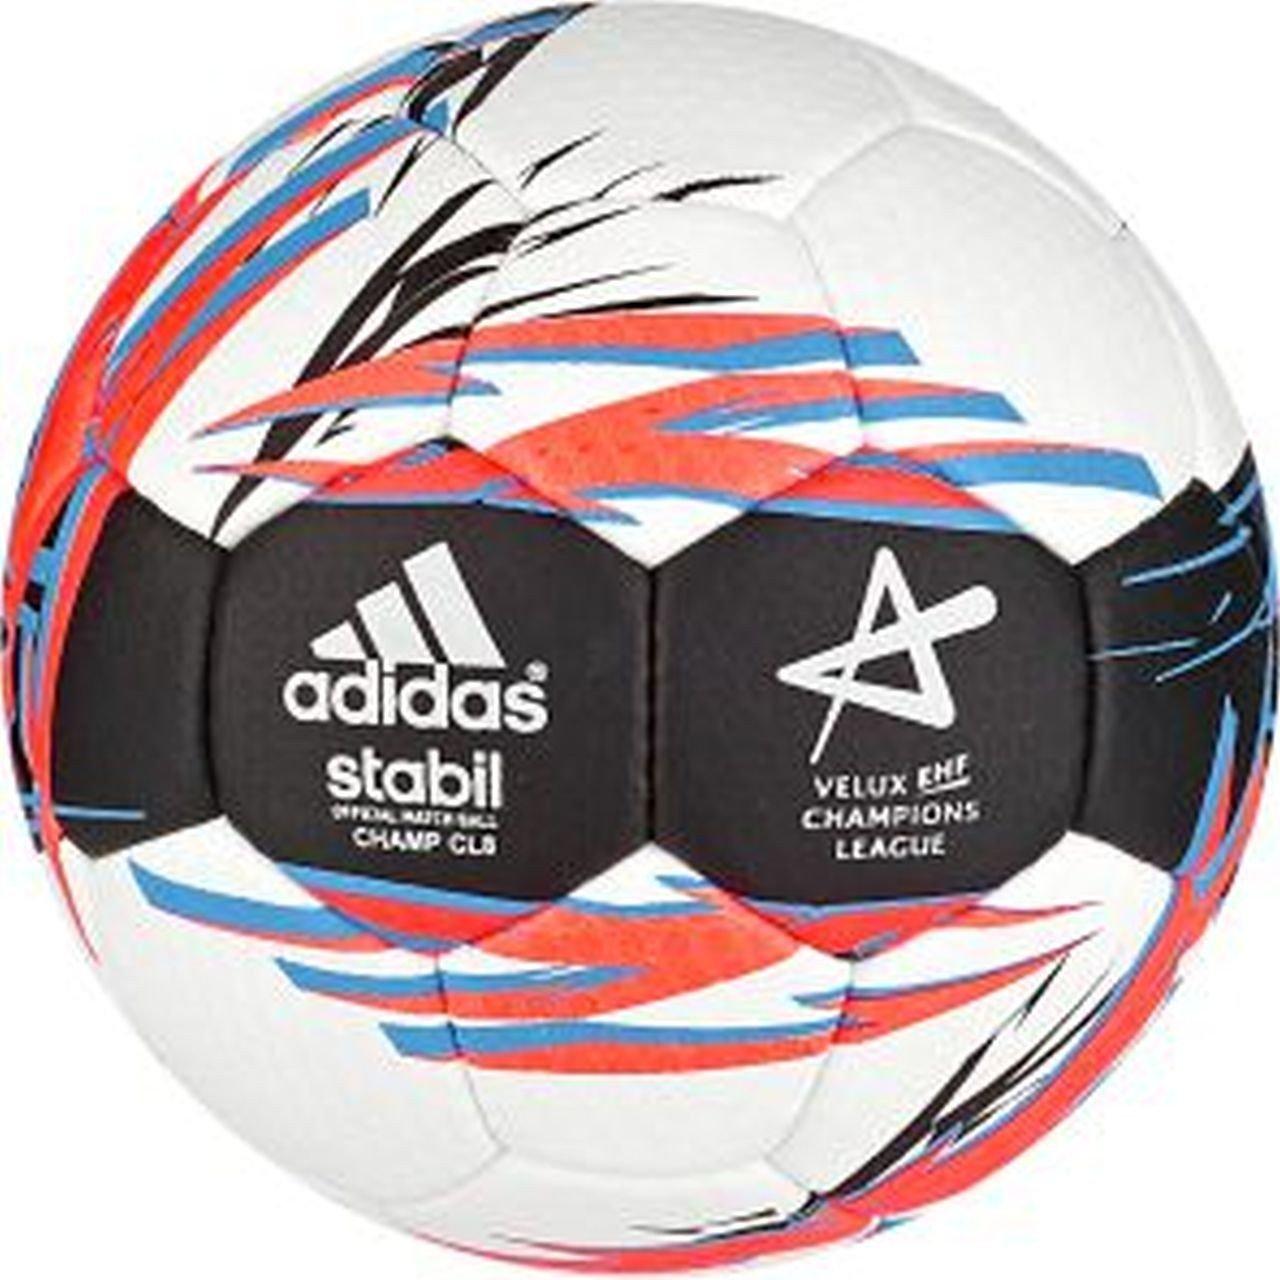 adidas Stabil Champcl8 - Balón de Balonmano